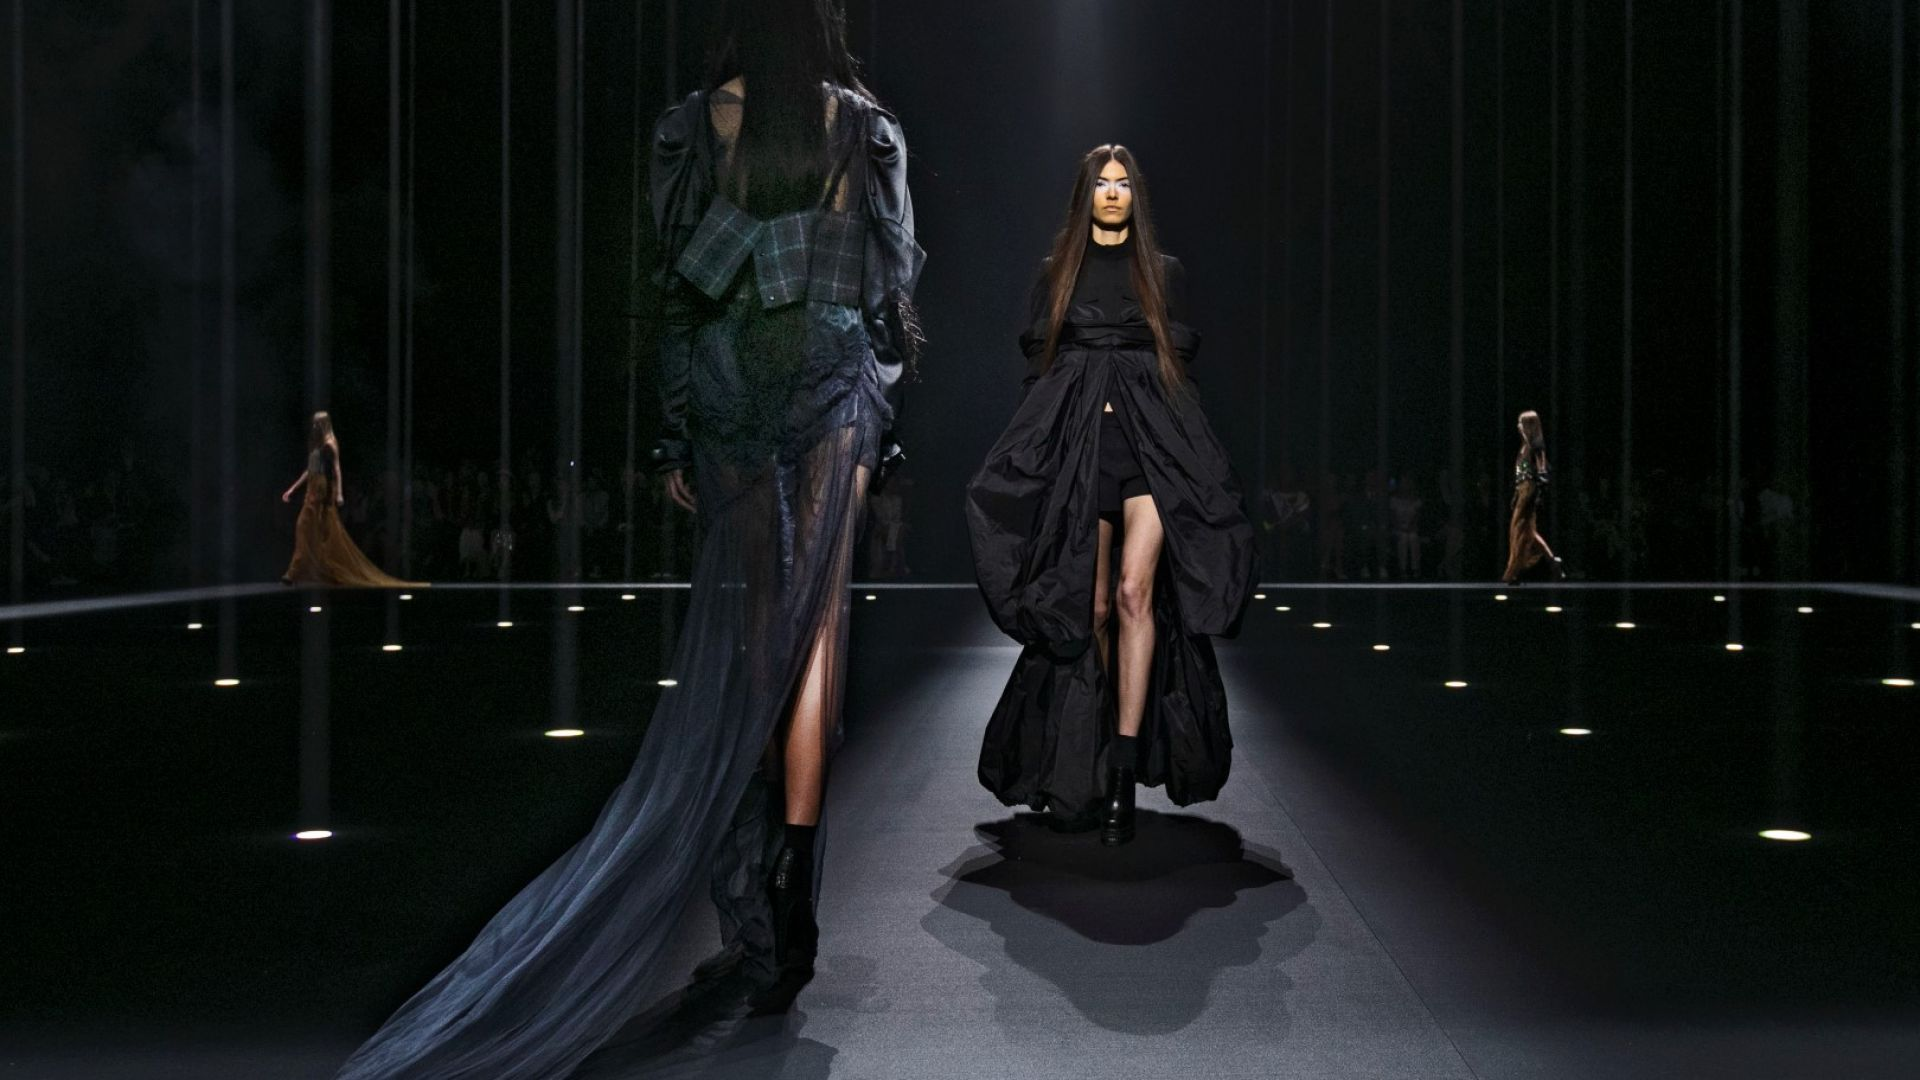 Със сексапил и мрак Вера Уанг се завърна на модната сцена в Ню Йорк